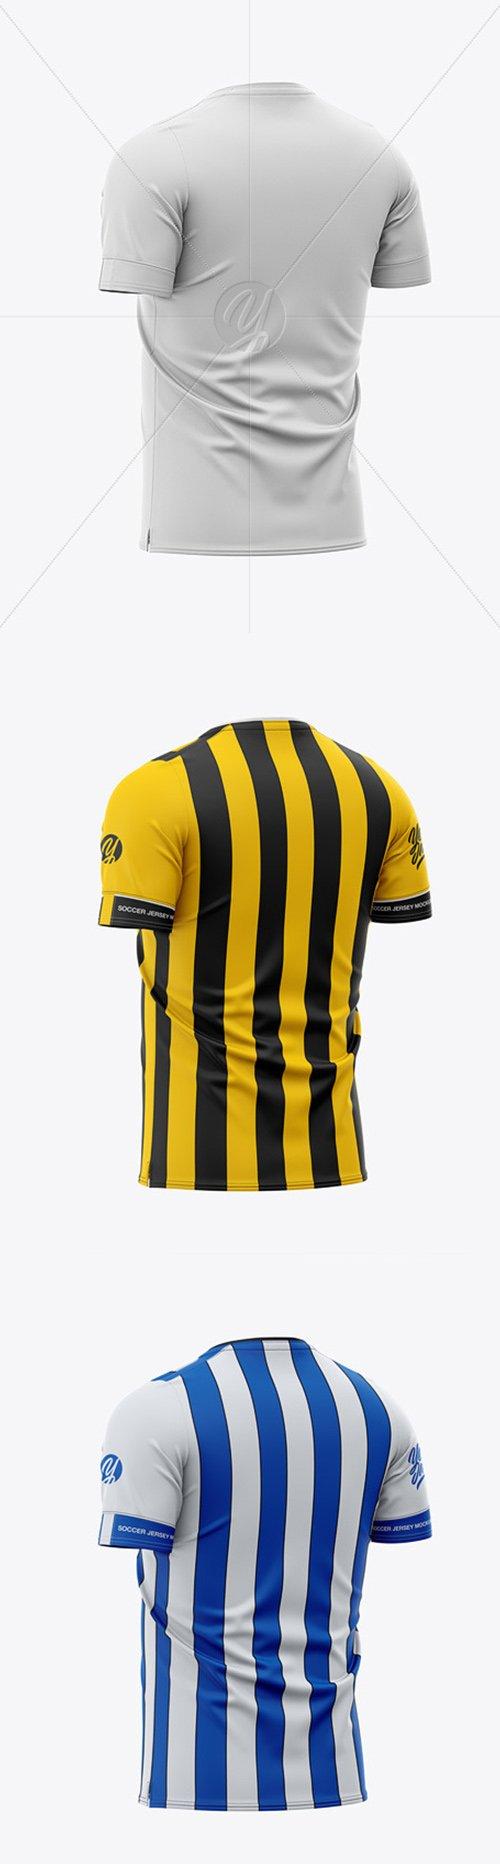 Mens Soccer Jersey Mockup - Back Half-Side View 49247